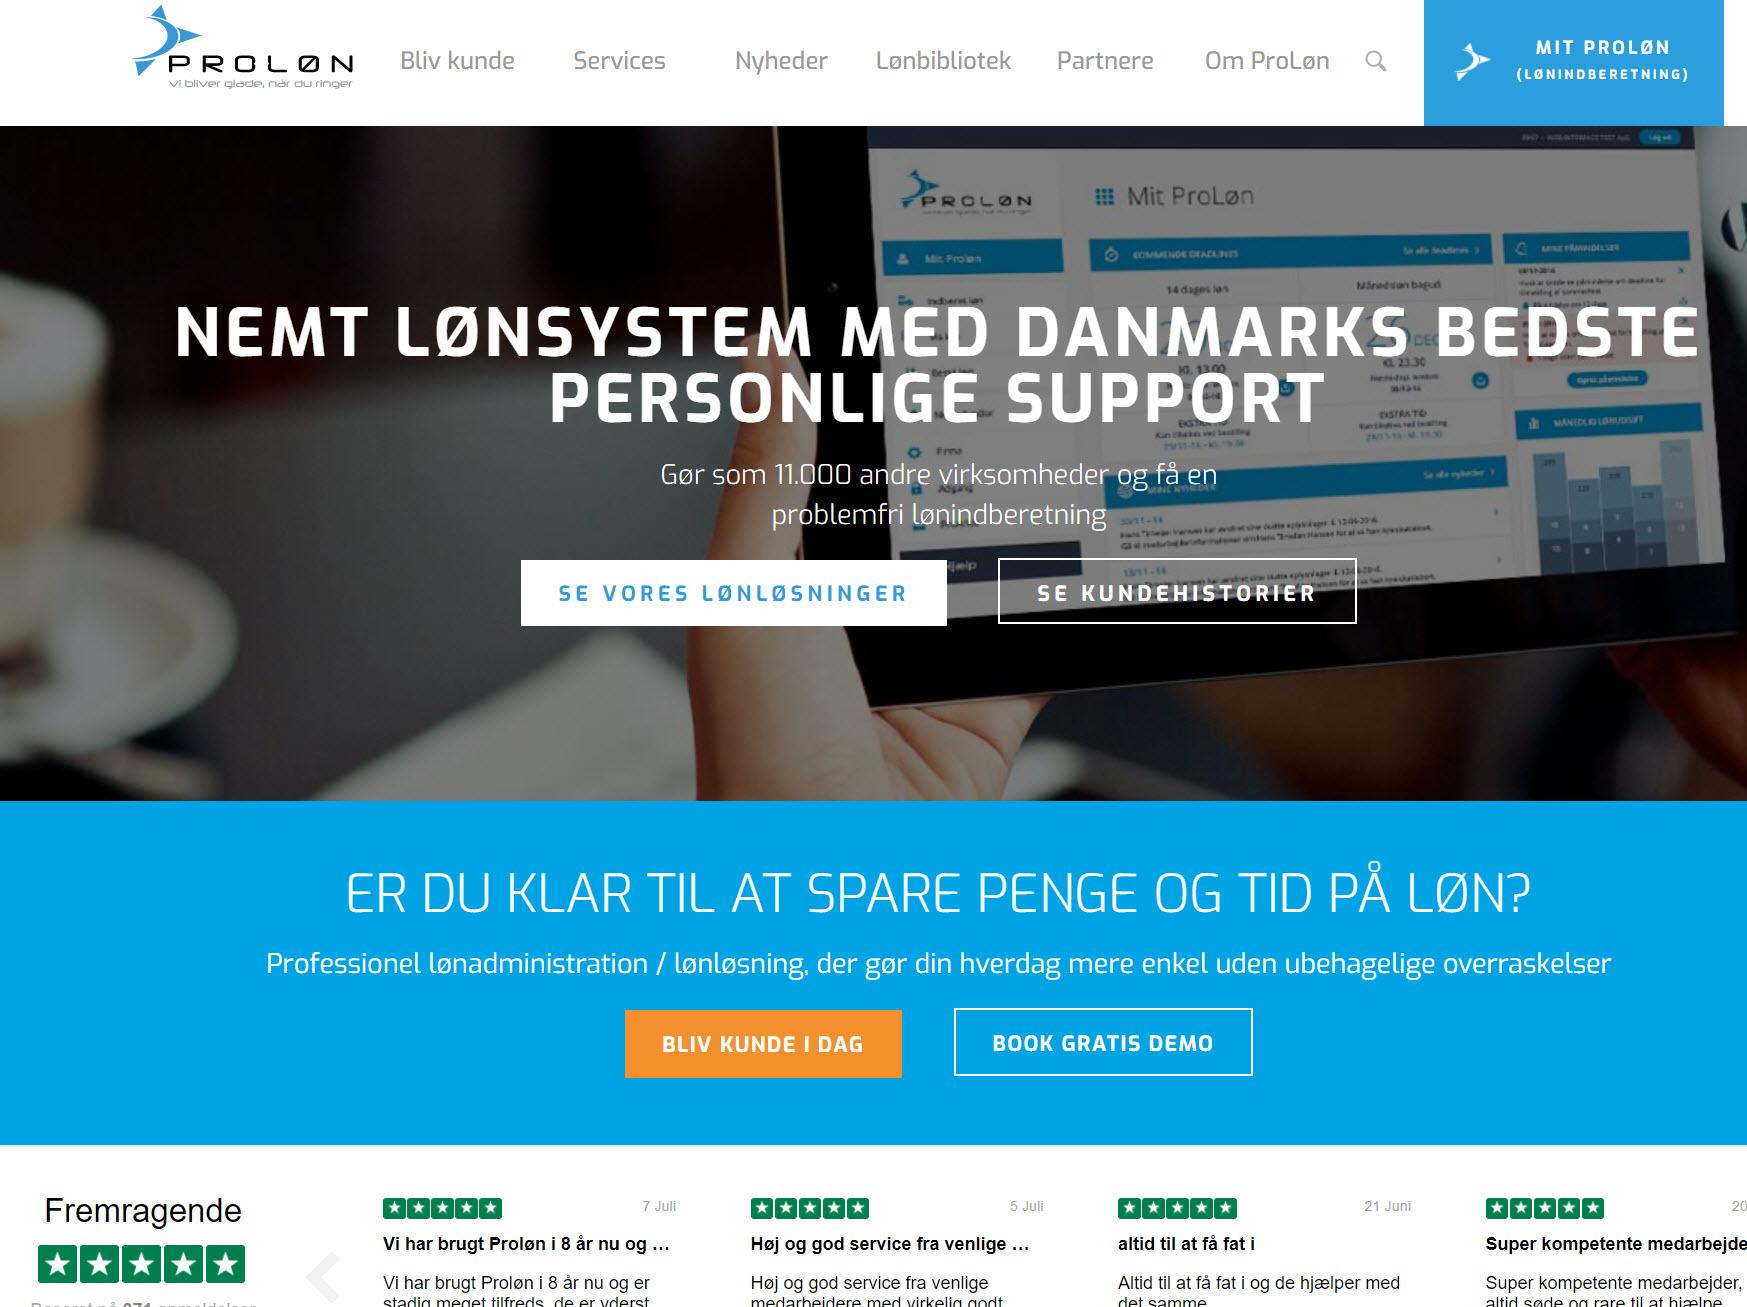 Ny-proløn-webside